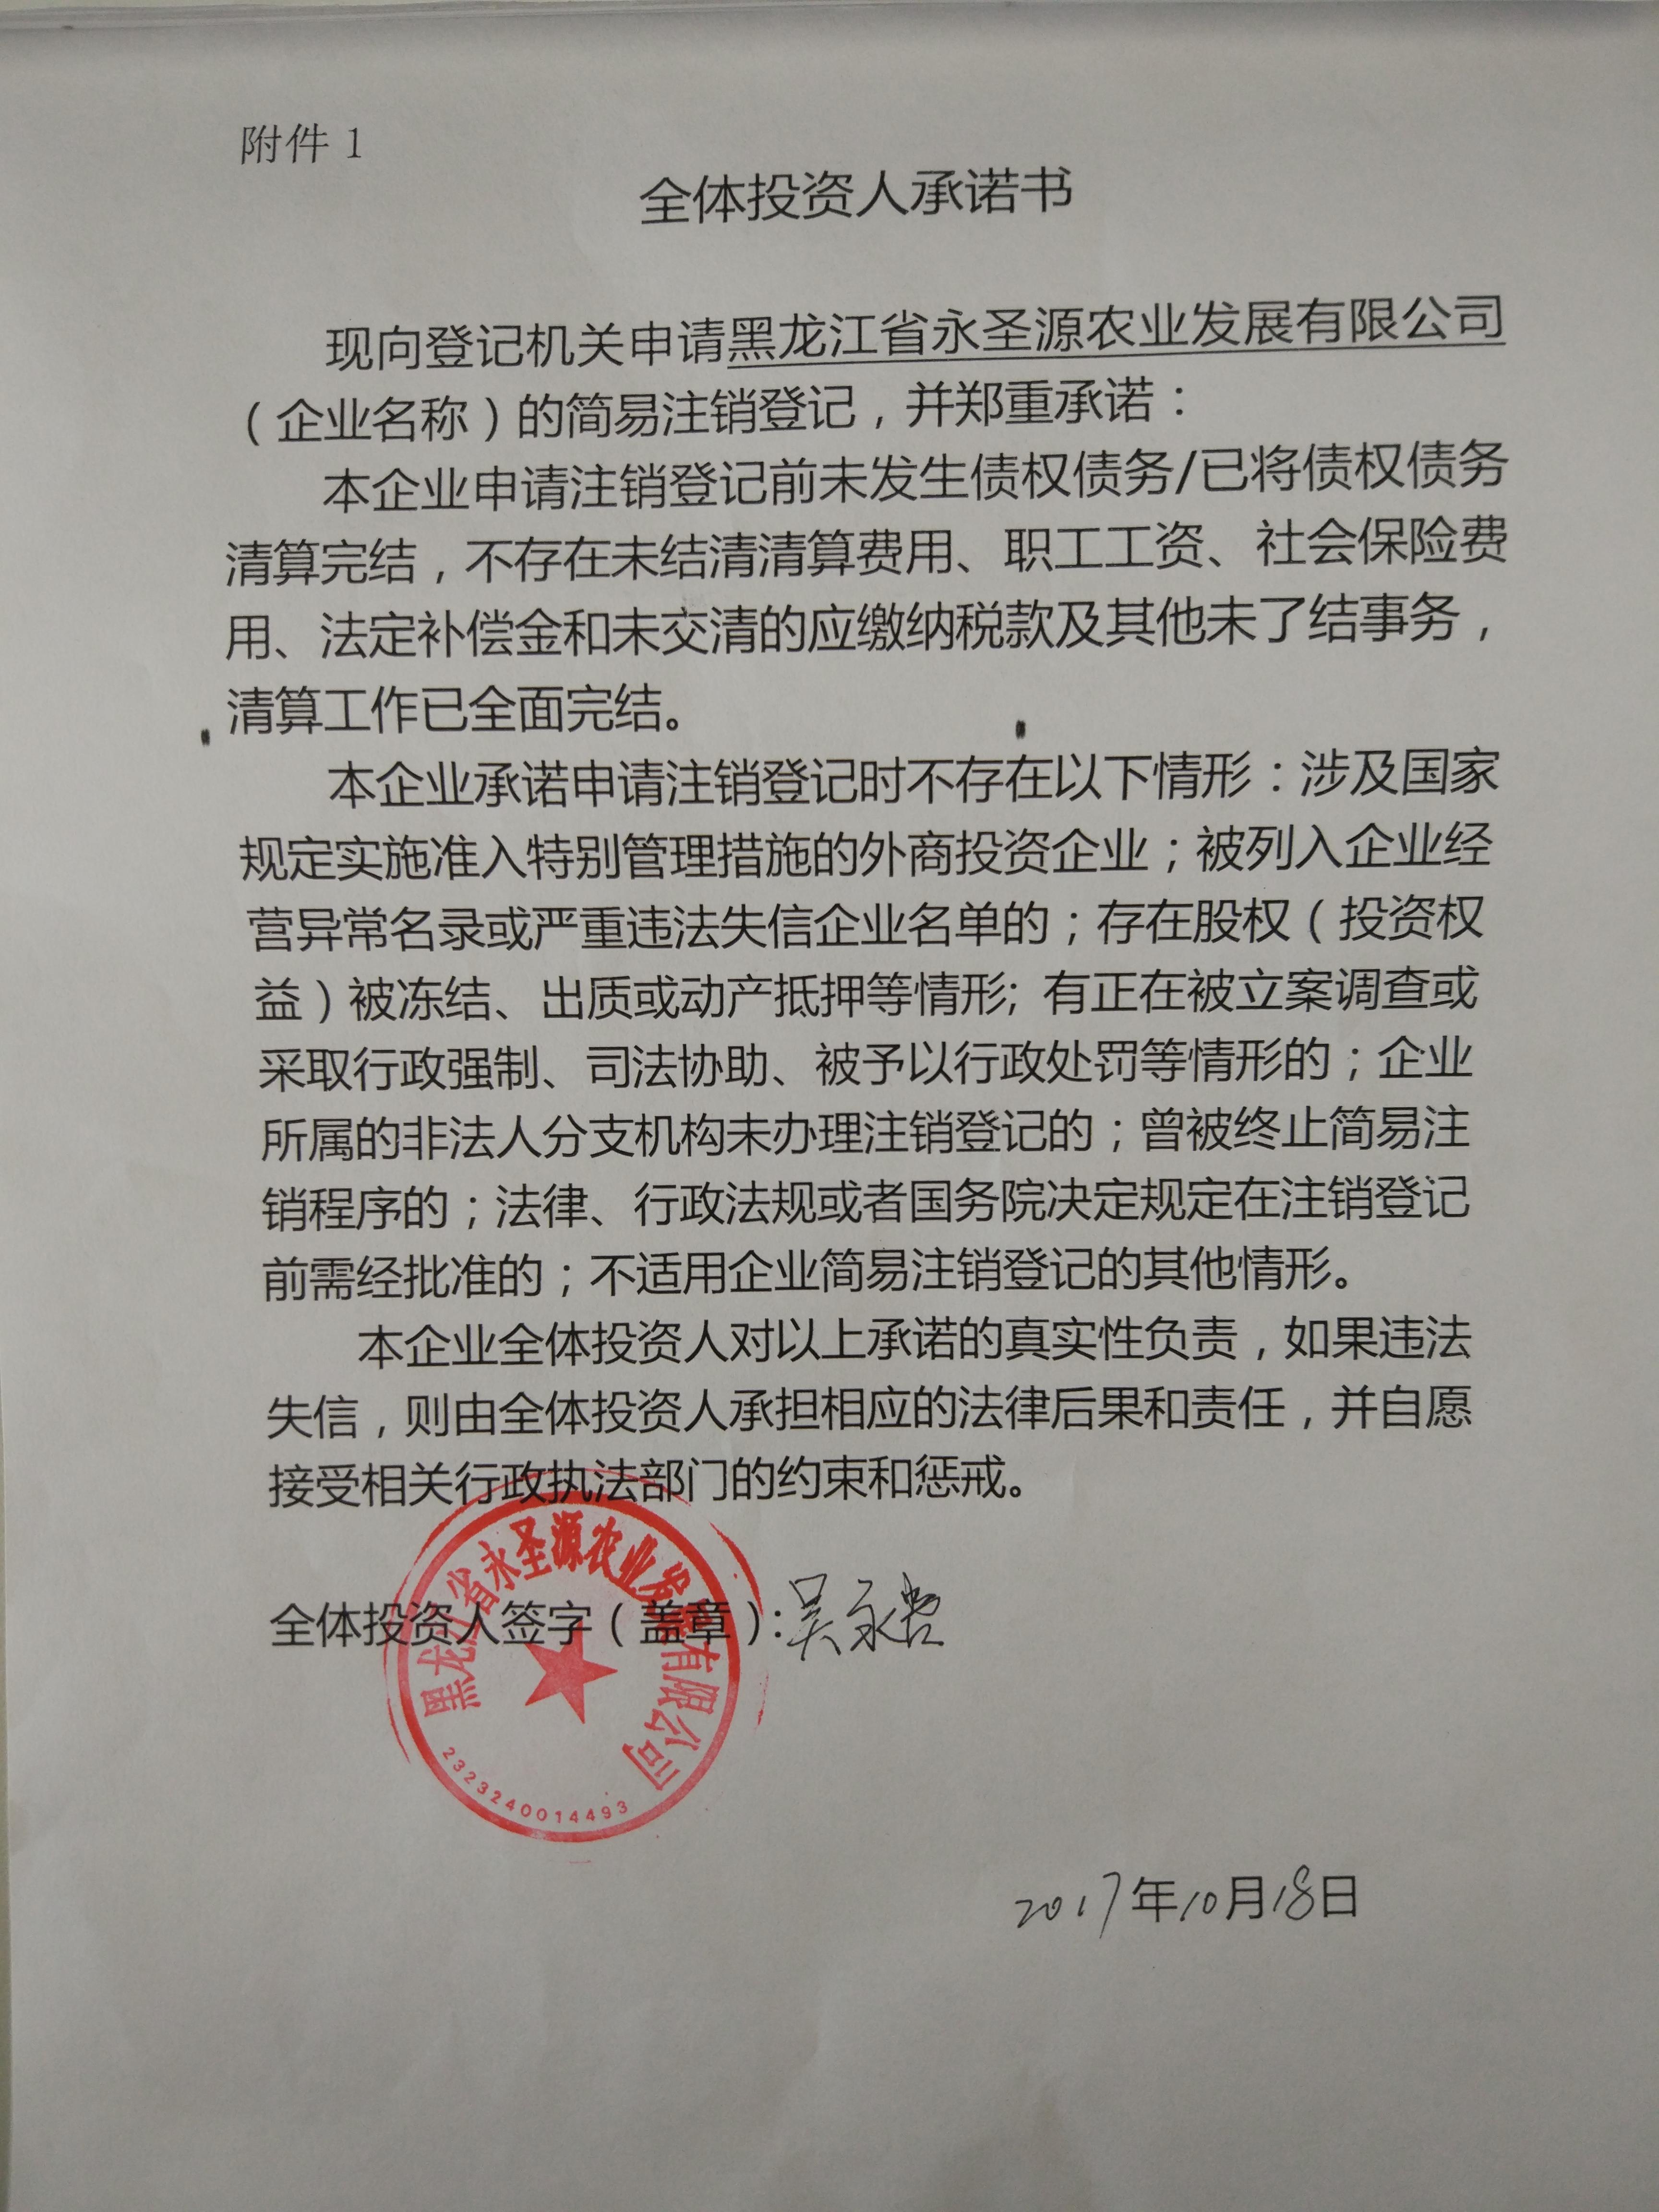 统一社会信用代码/注册号 91231221ma18yq6a2p 登记机关 黑龙江省望奎